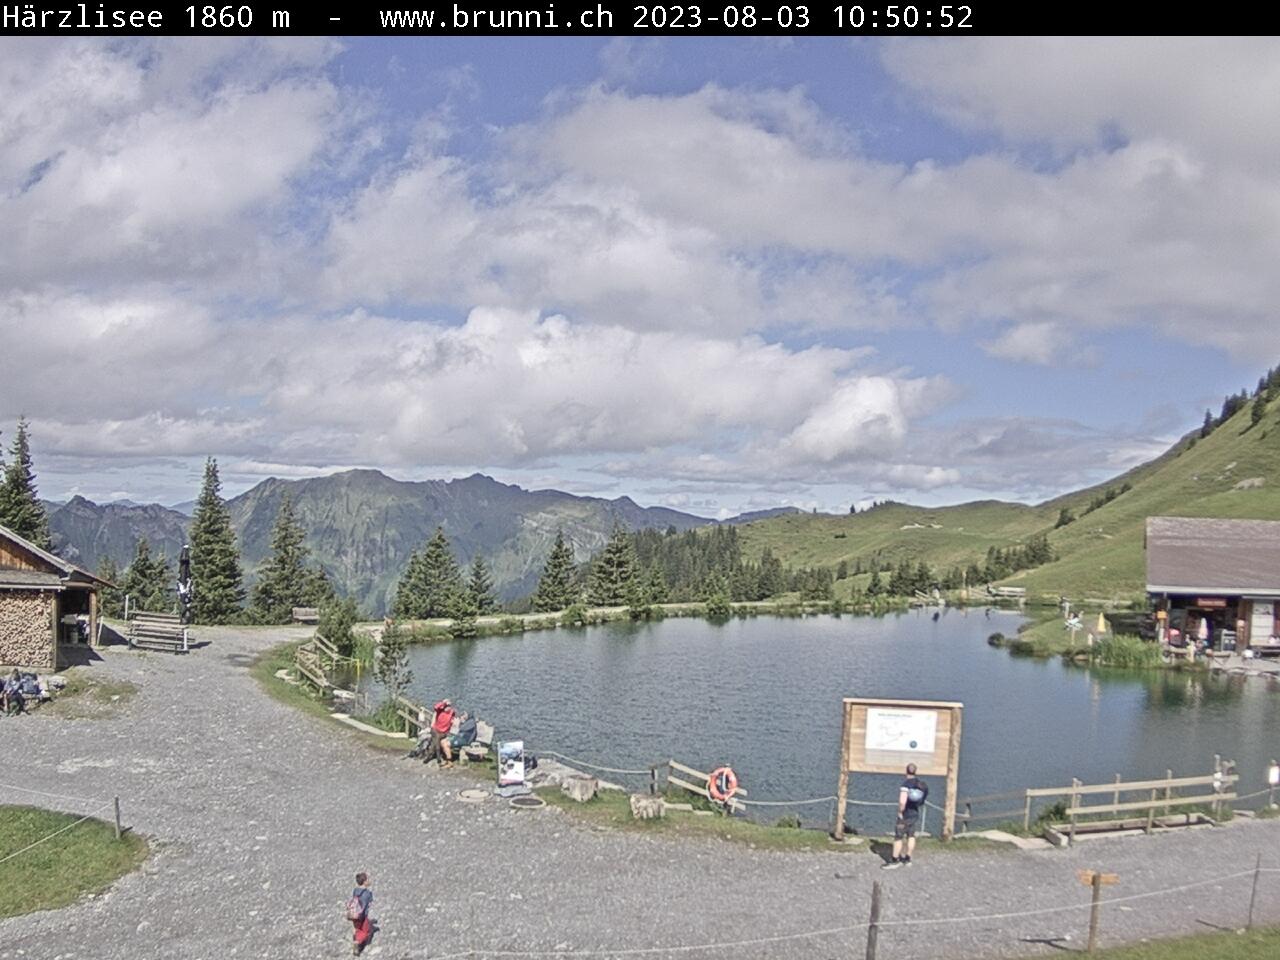 Webcam Richtung Härzlisee